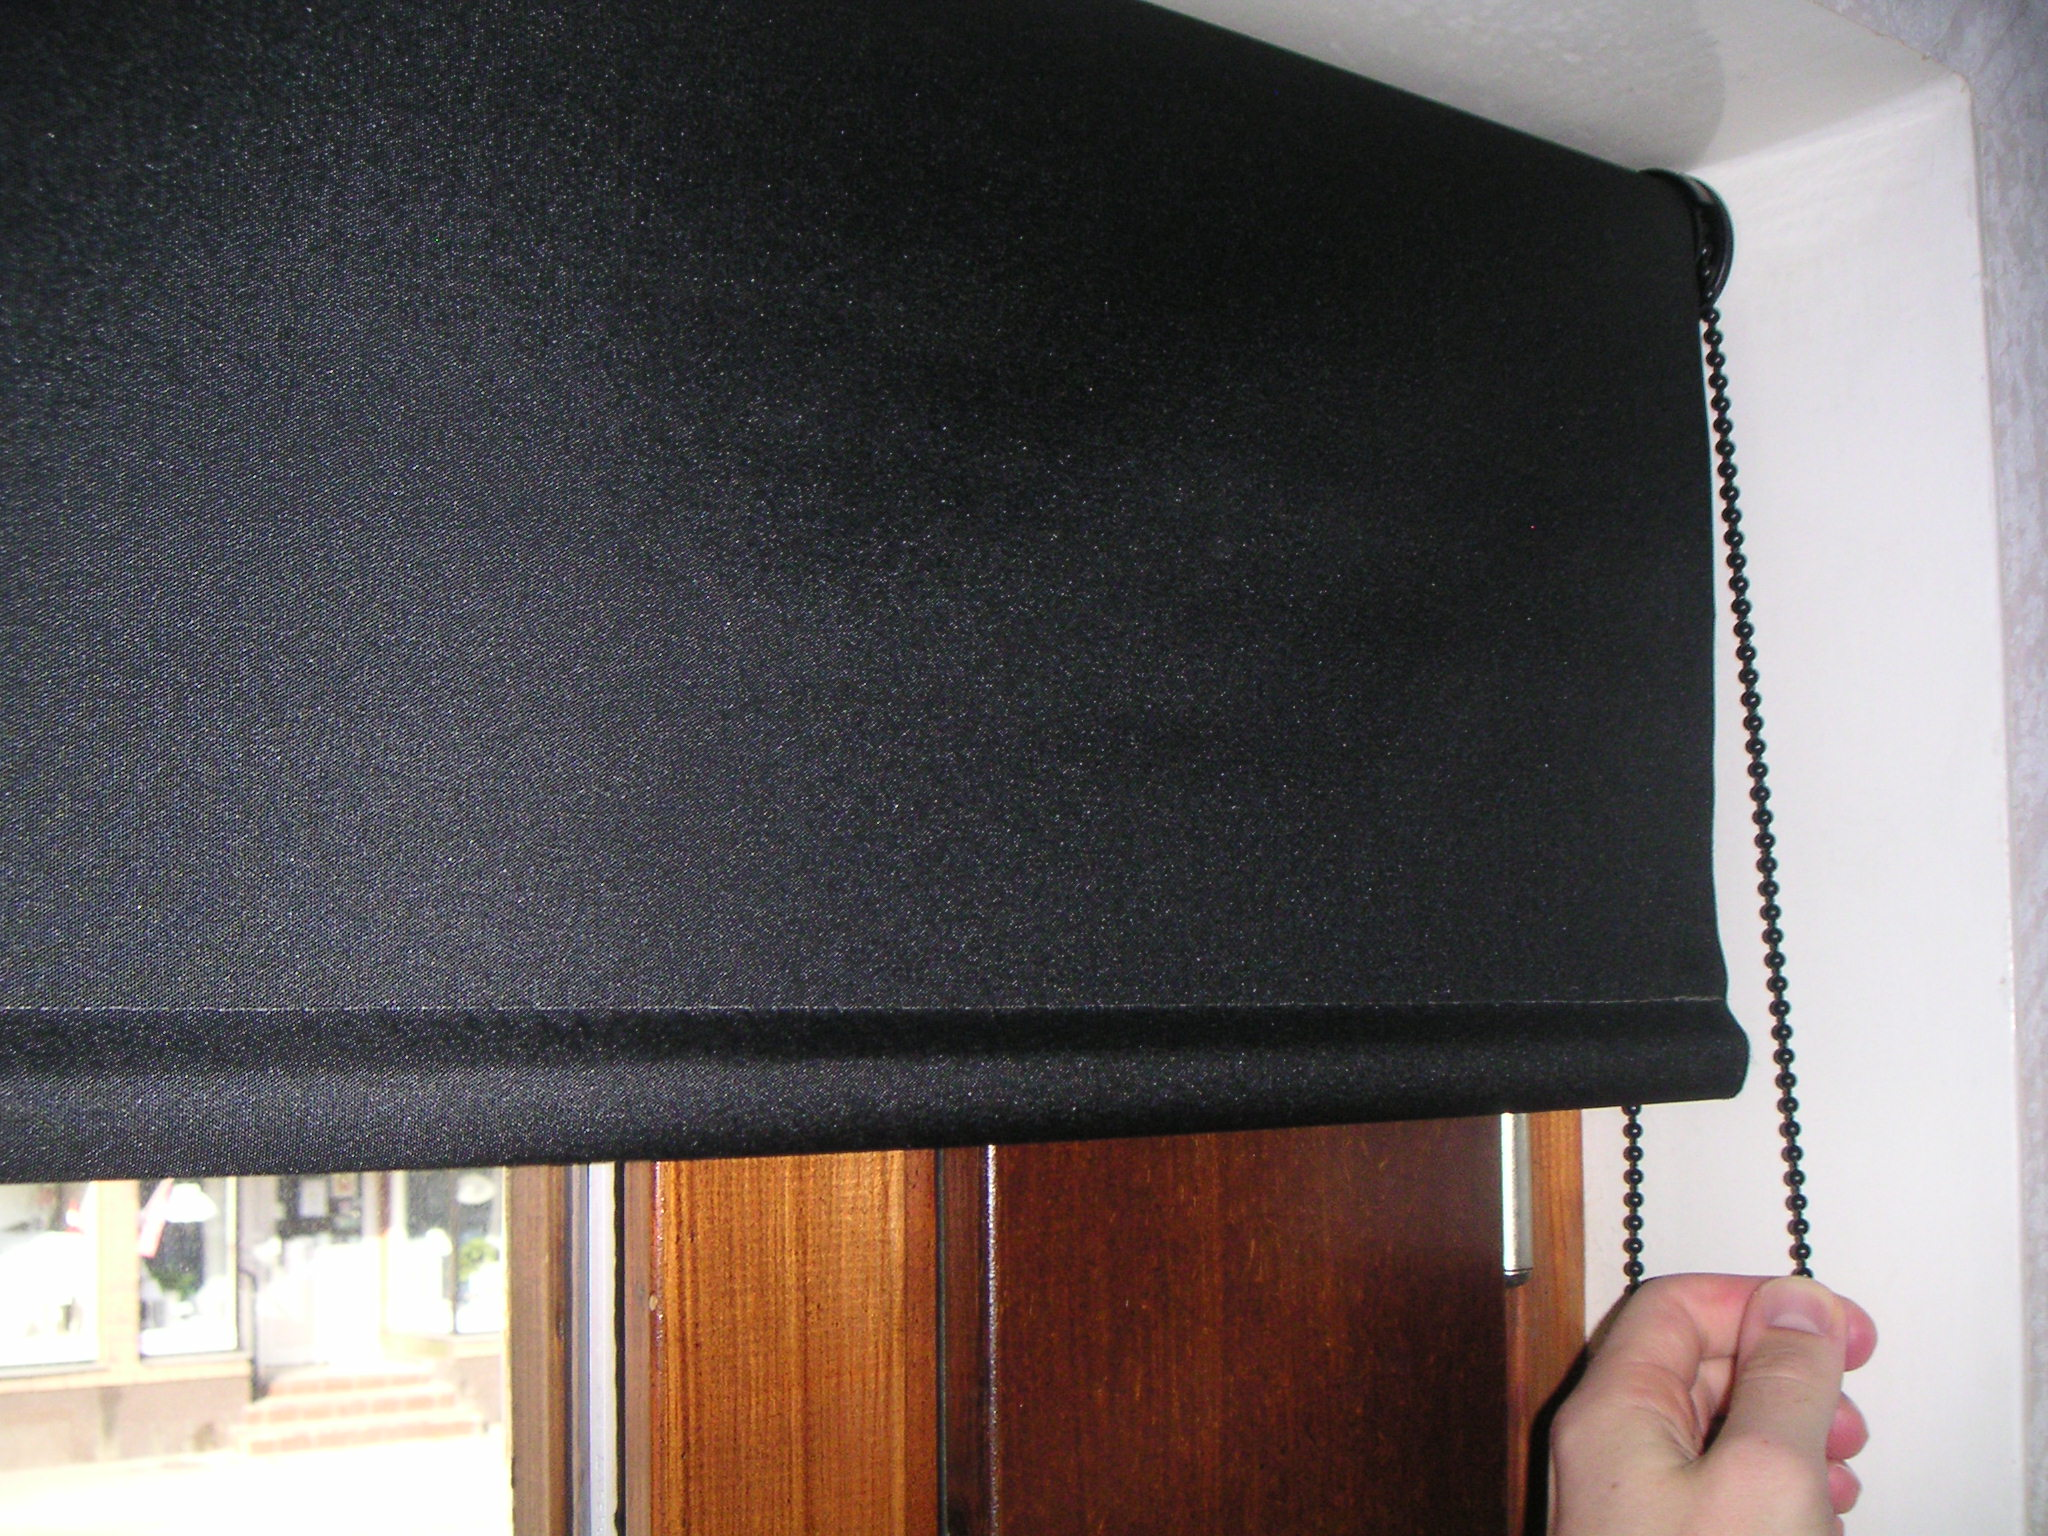 Рулонные шторы способны обеспечить полную защиту помещения от уличного освещения